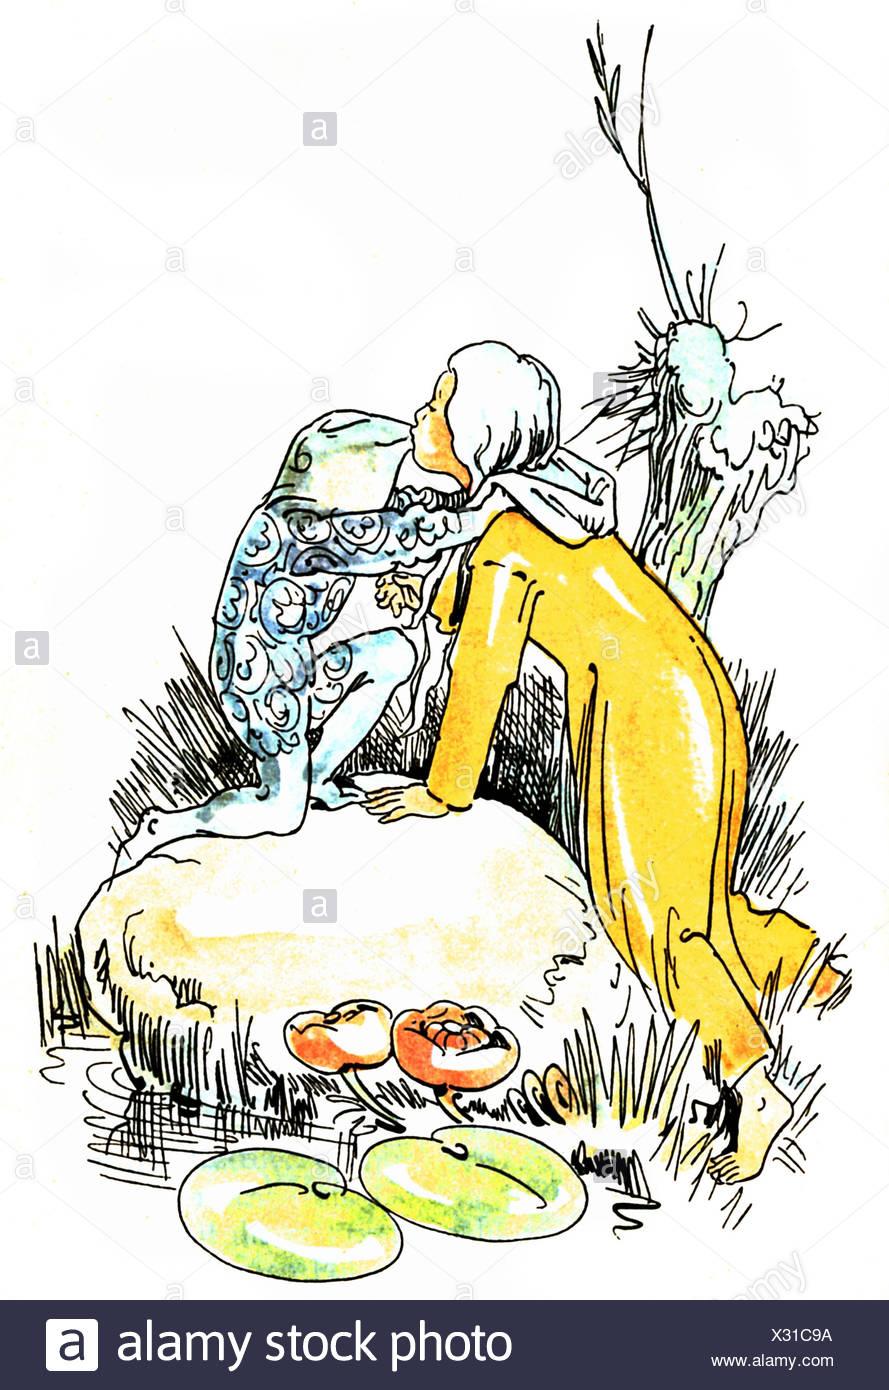 Der Frosch Stock Photos & Der Frosch Stock Images - Alamy